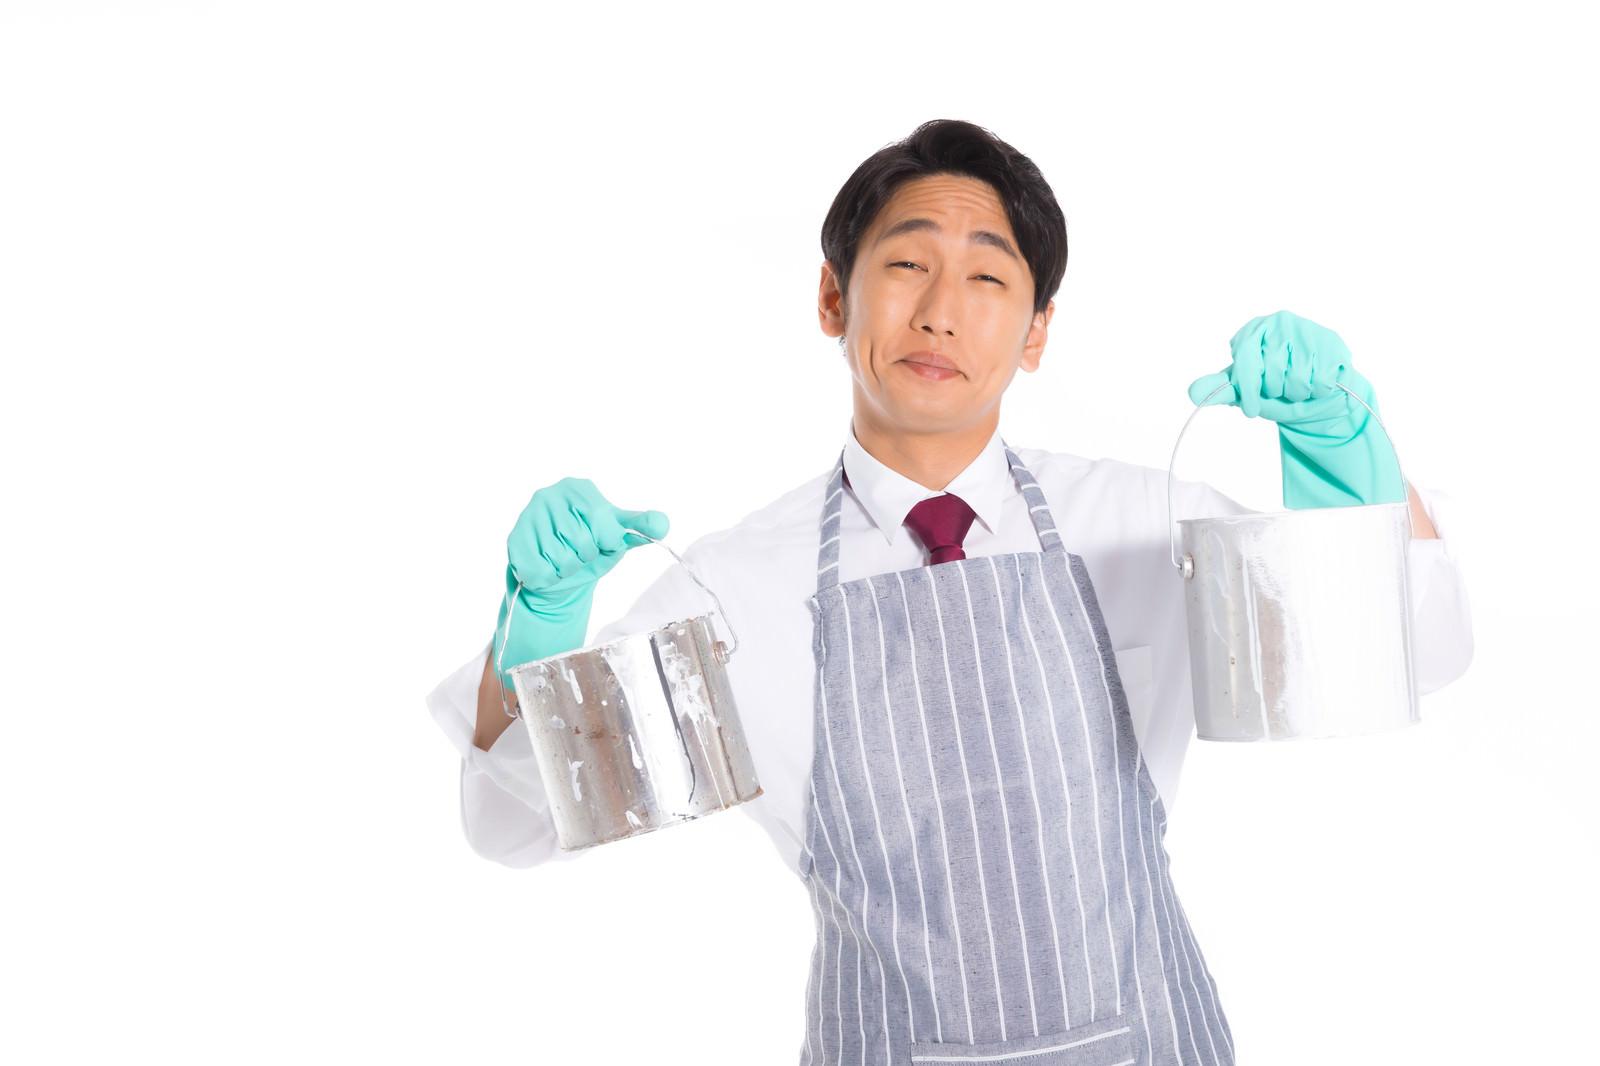 「ペンキ缶を両手で持つエプロン姿の営業マン」の写真[モデル:大川竜弥]